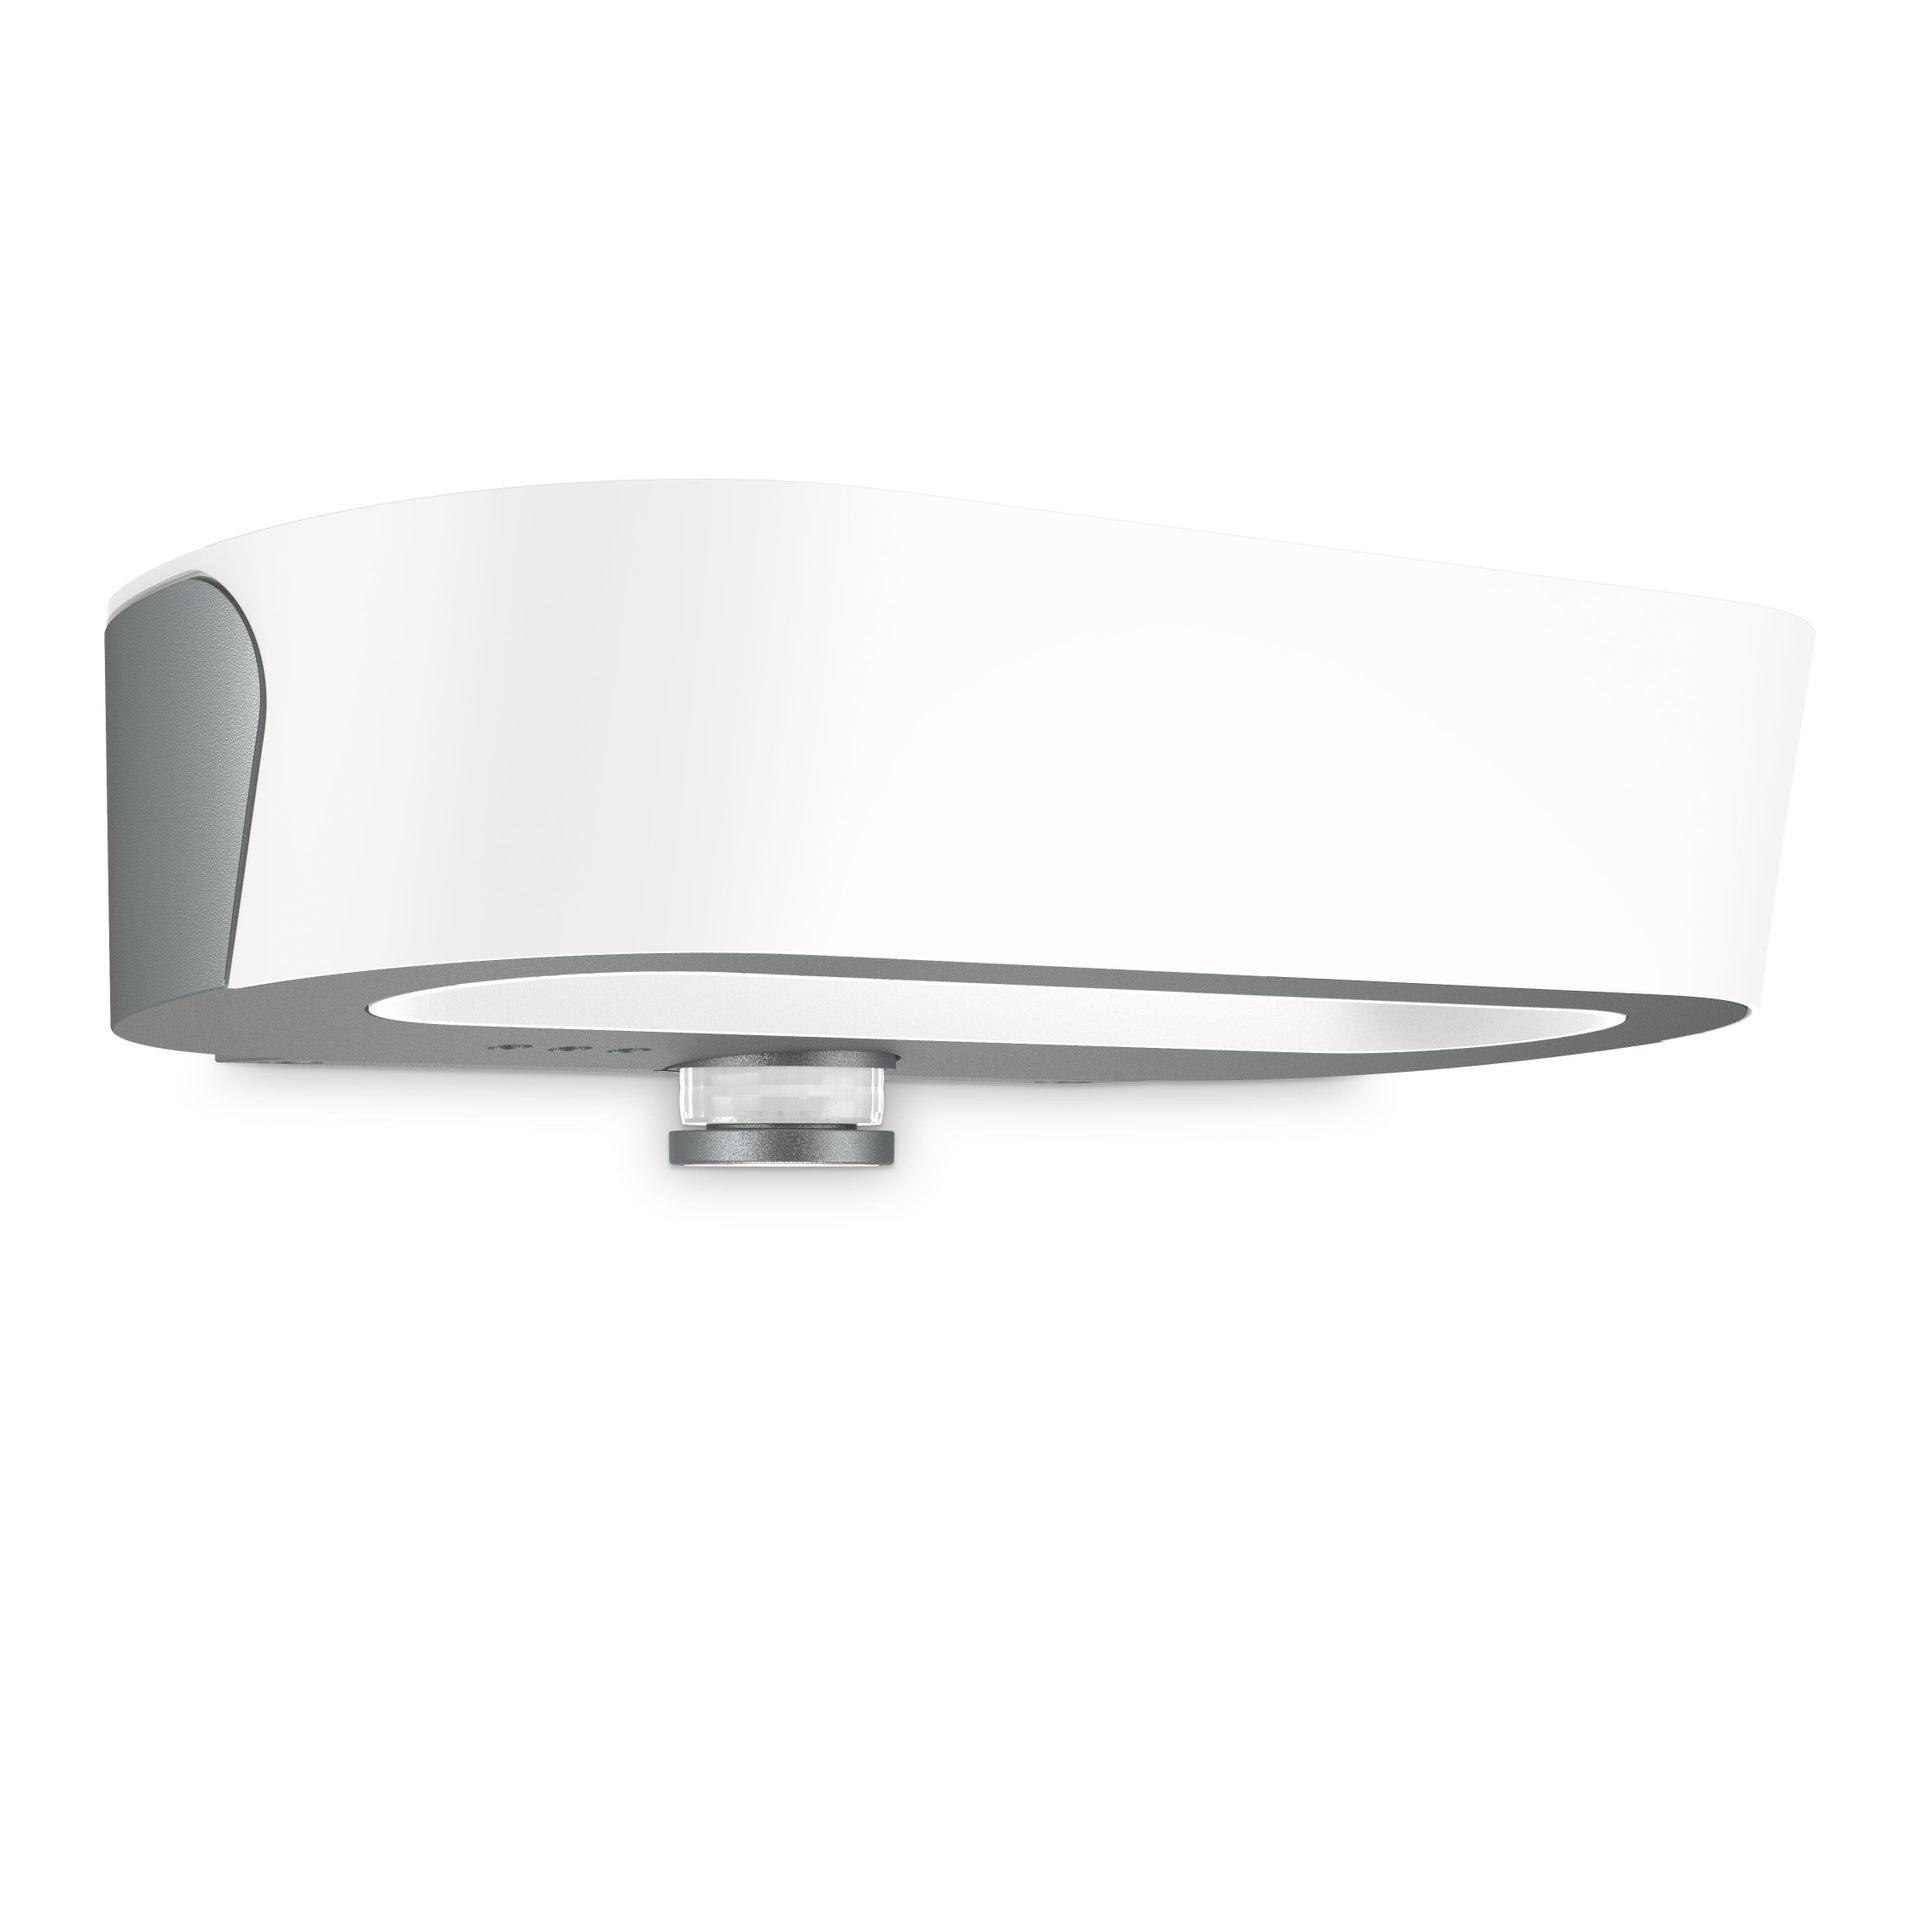 Applique L 710 LED integrato con sensore di movimento, antracite, 8.6W 670LM IP54 STEINEL - 6